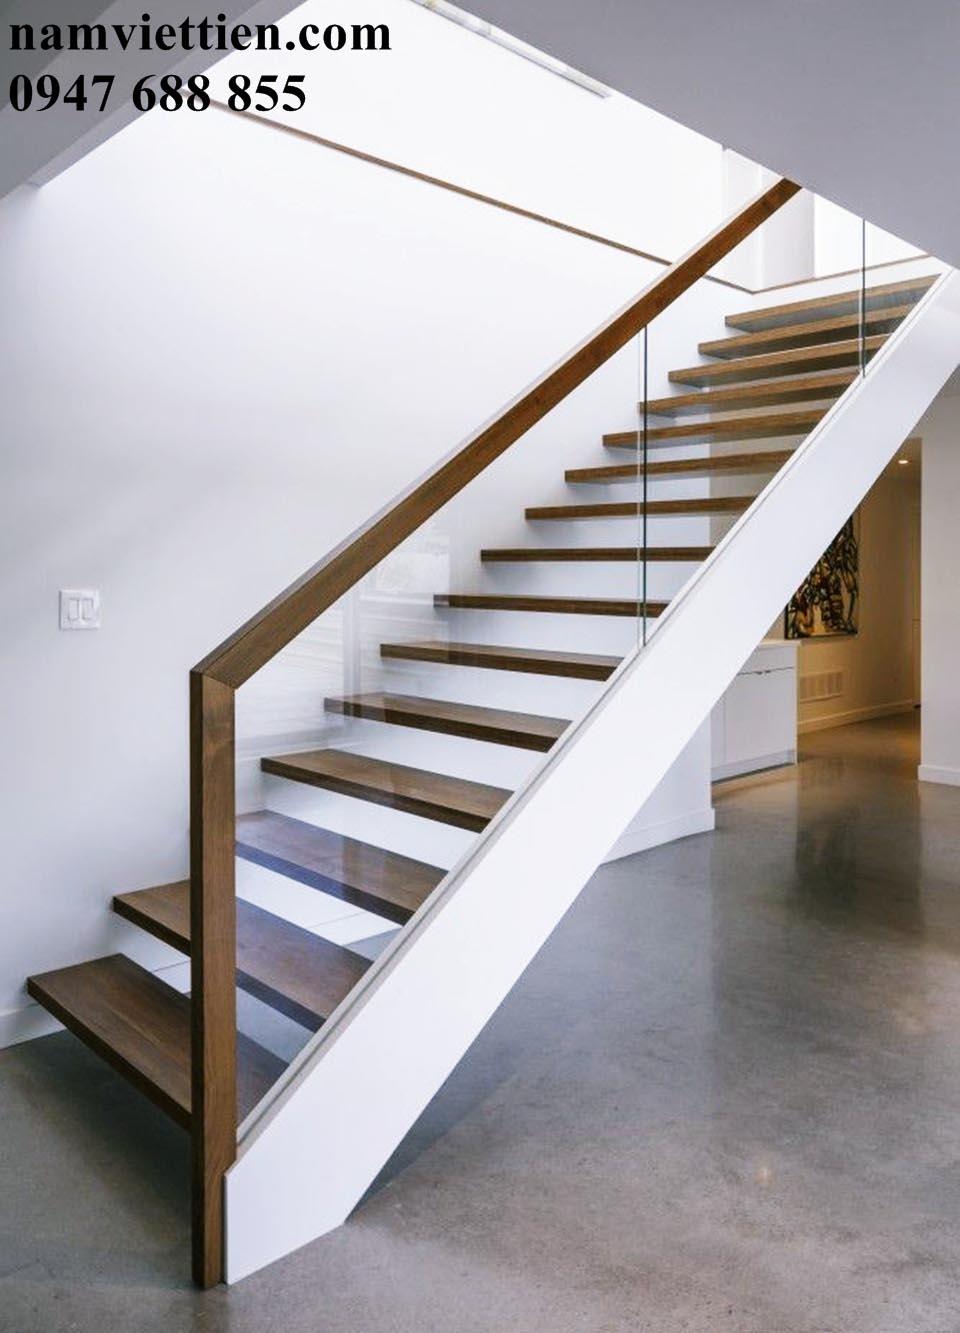 mẫu trụ cầu thang bằng gỗ tphcm